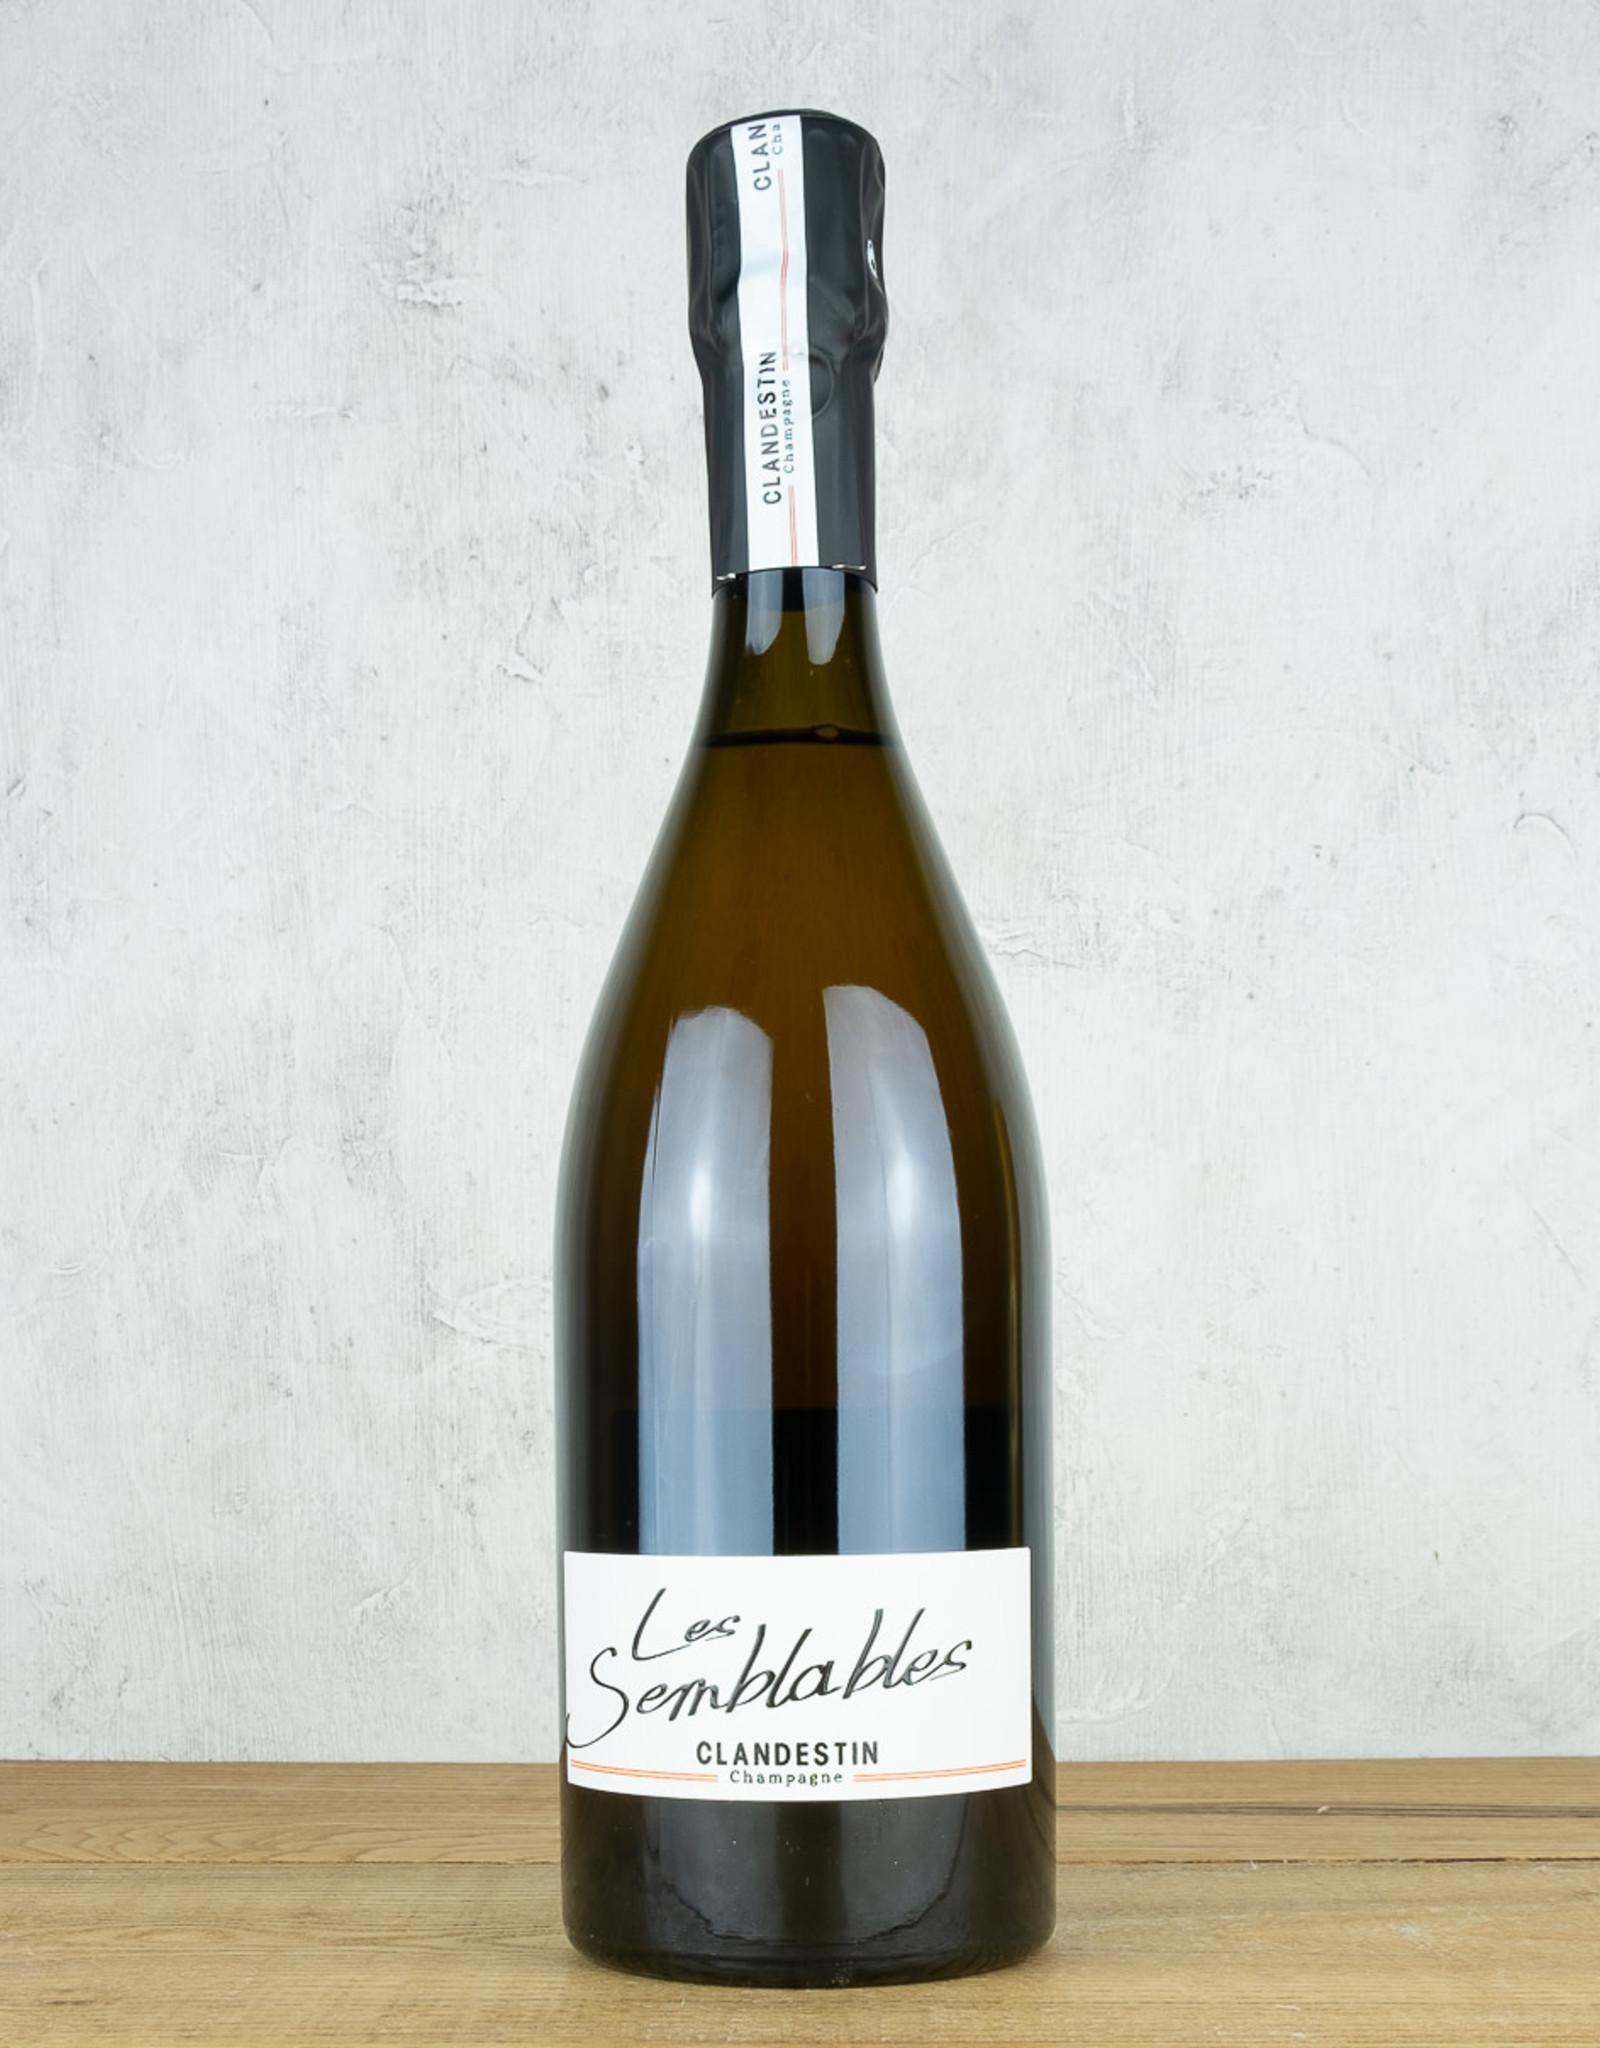 Champagne Clandestin Les Semblables